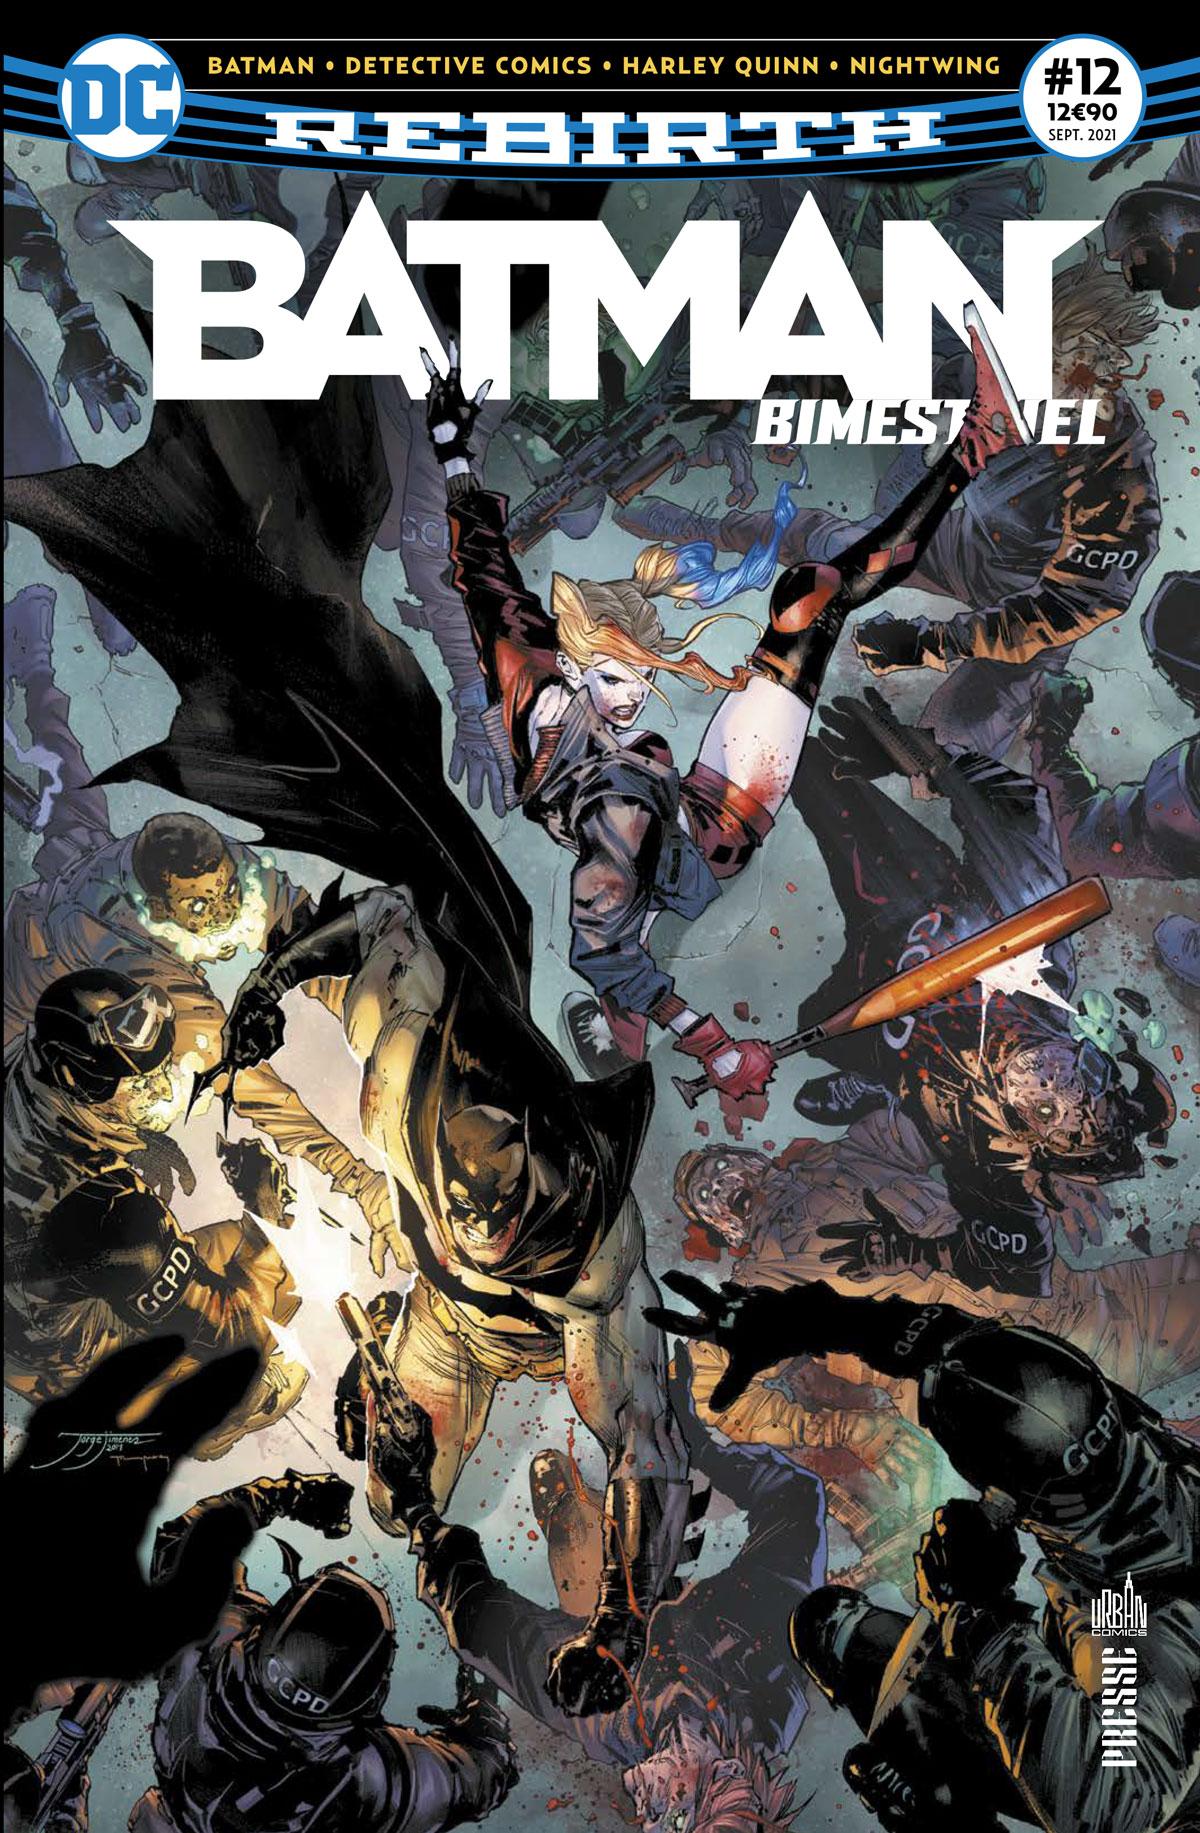 Batman bimestriel 12 - Batman Rebirth (Bimestriel) #12